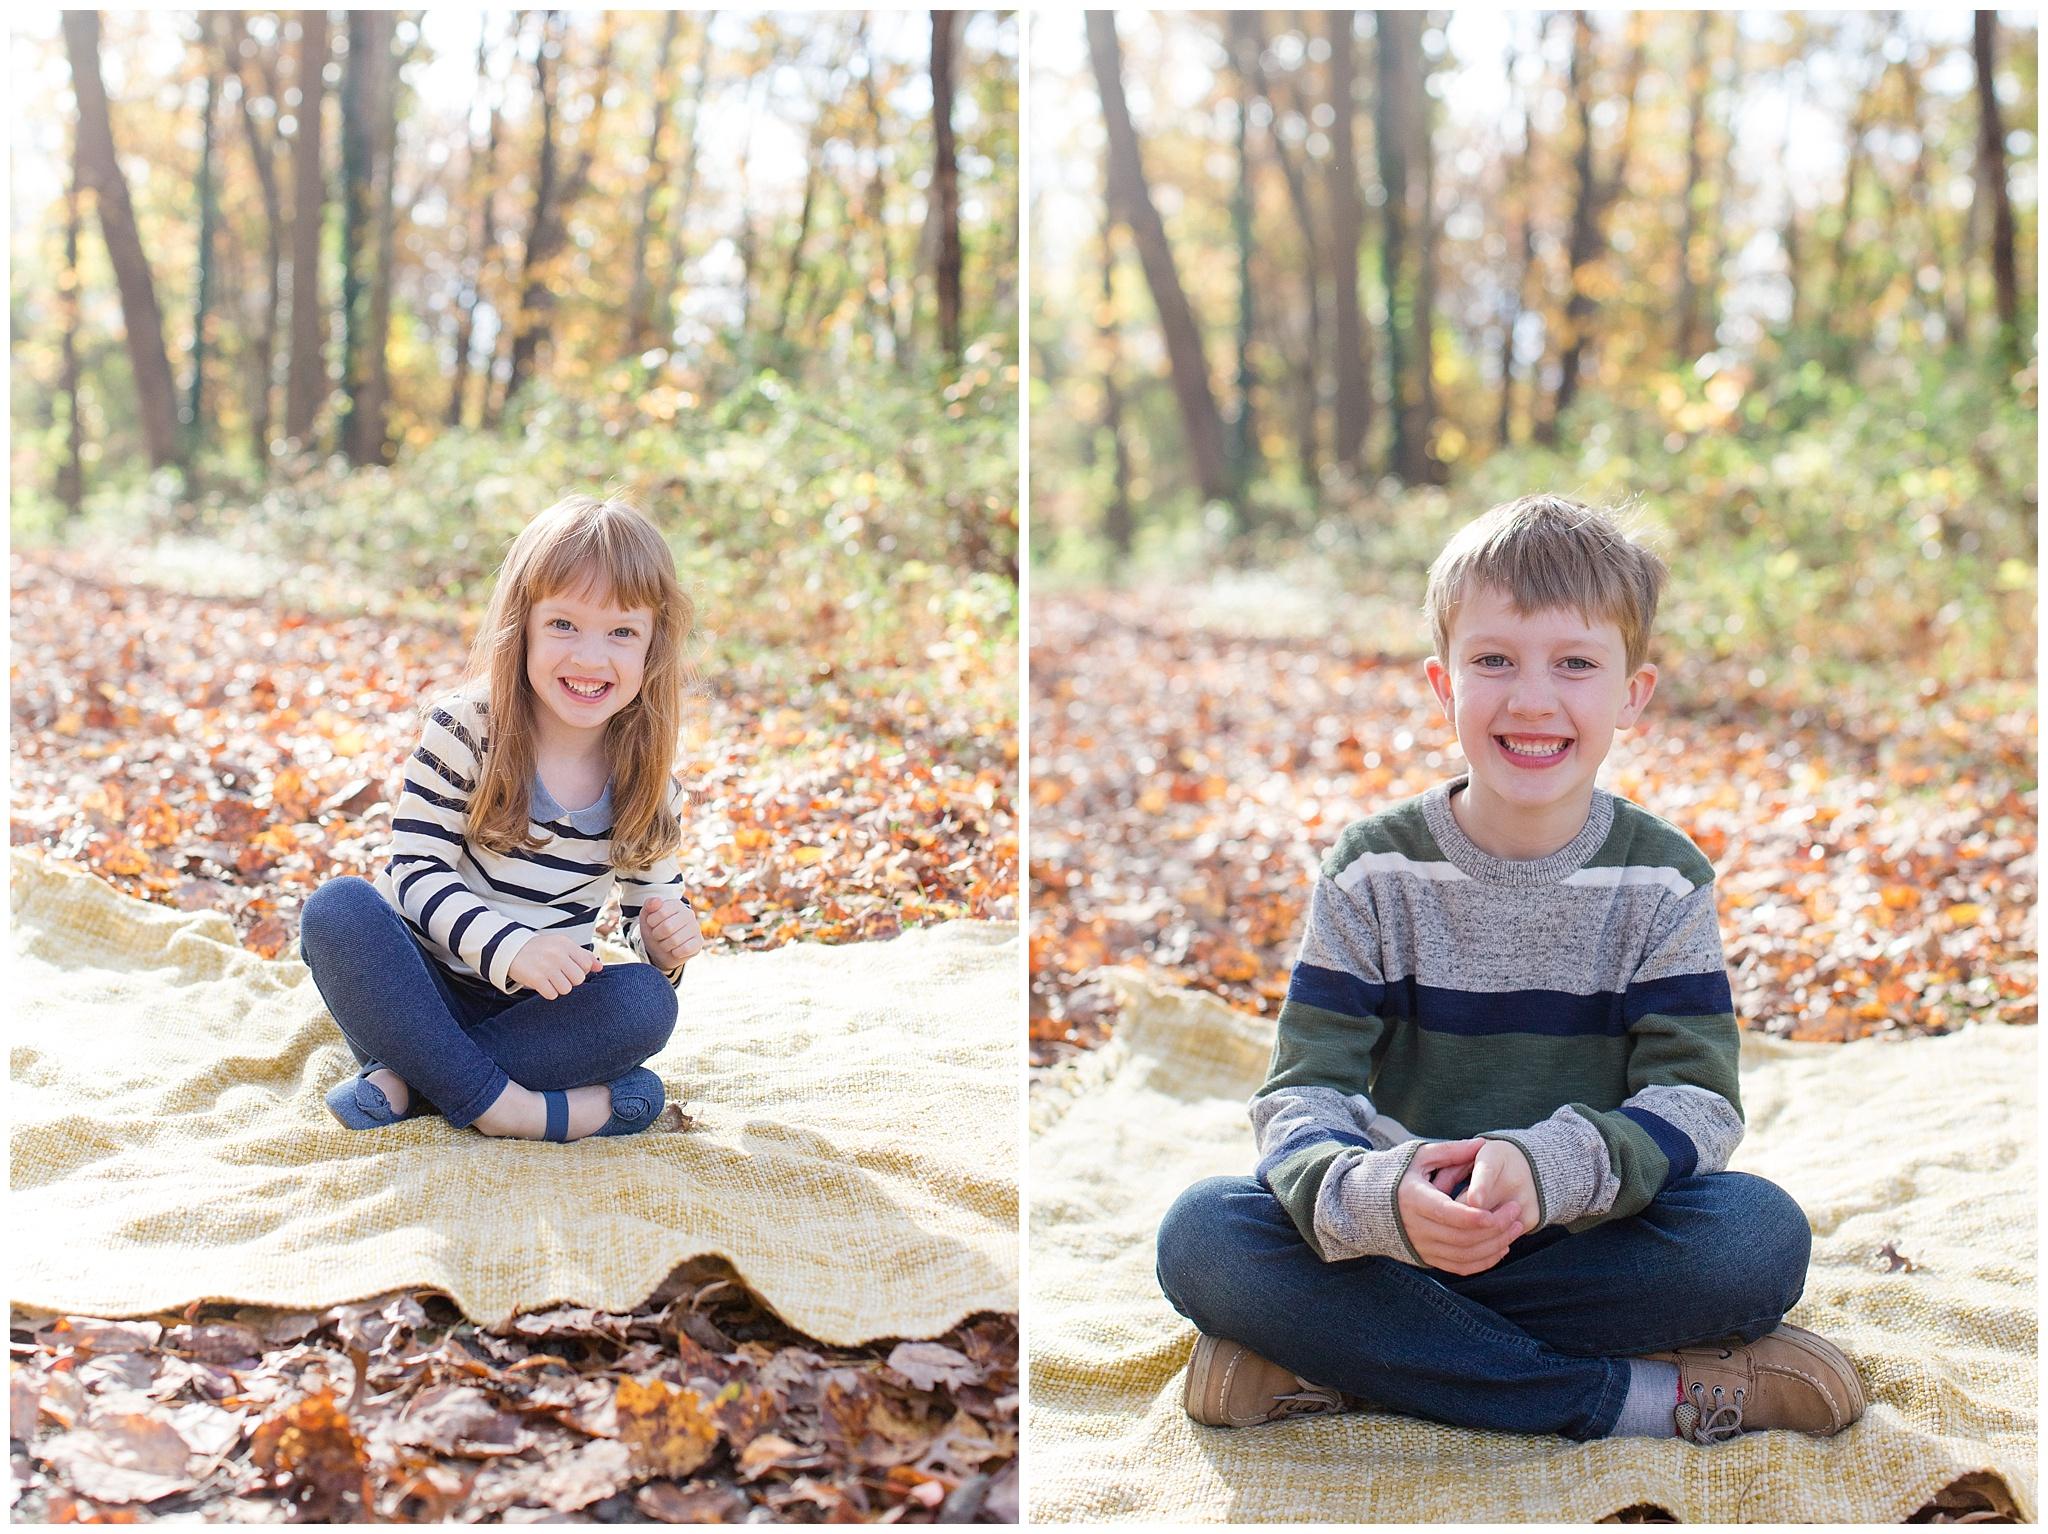 Holleran_familyphotos_0011.jpg